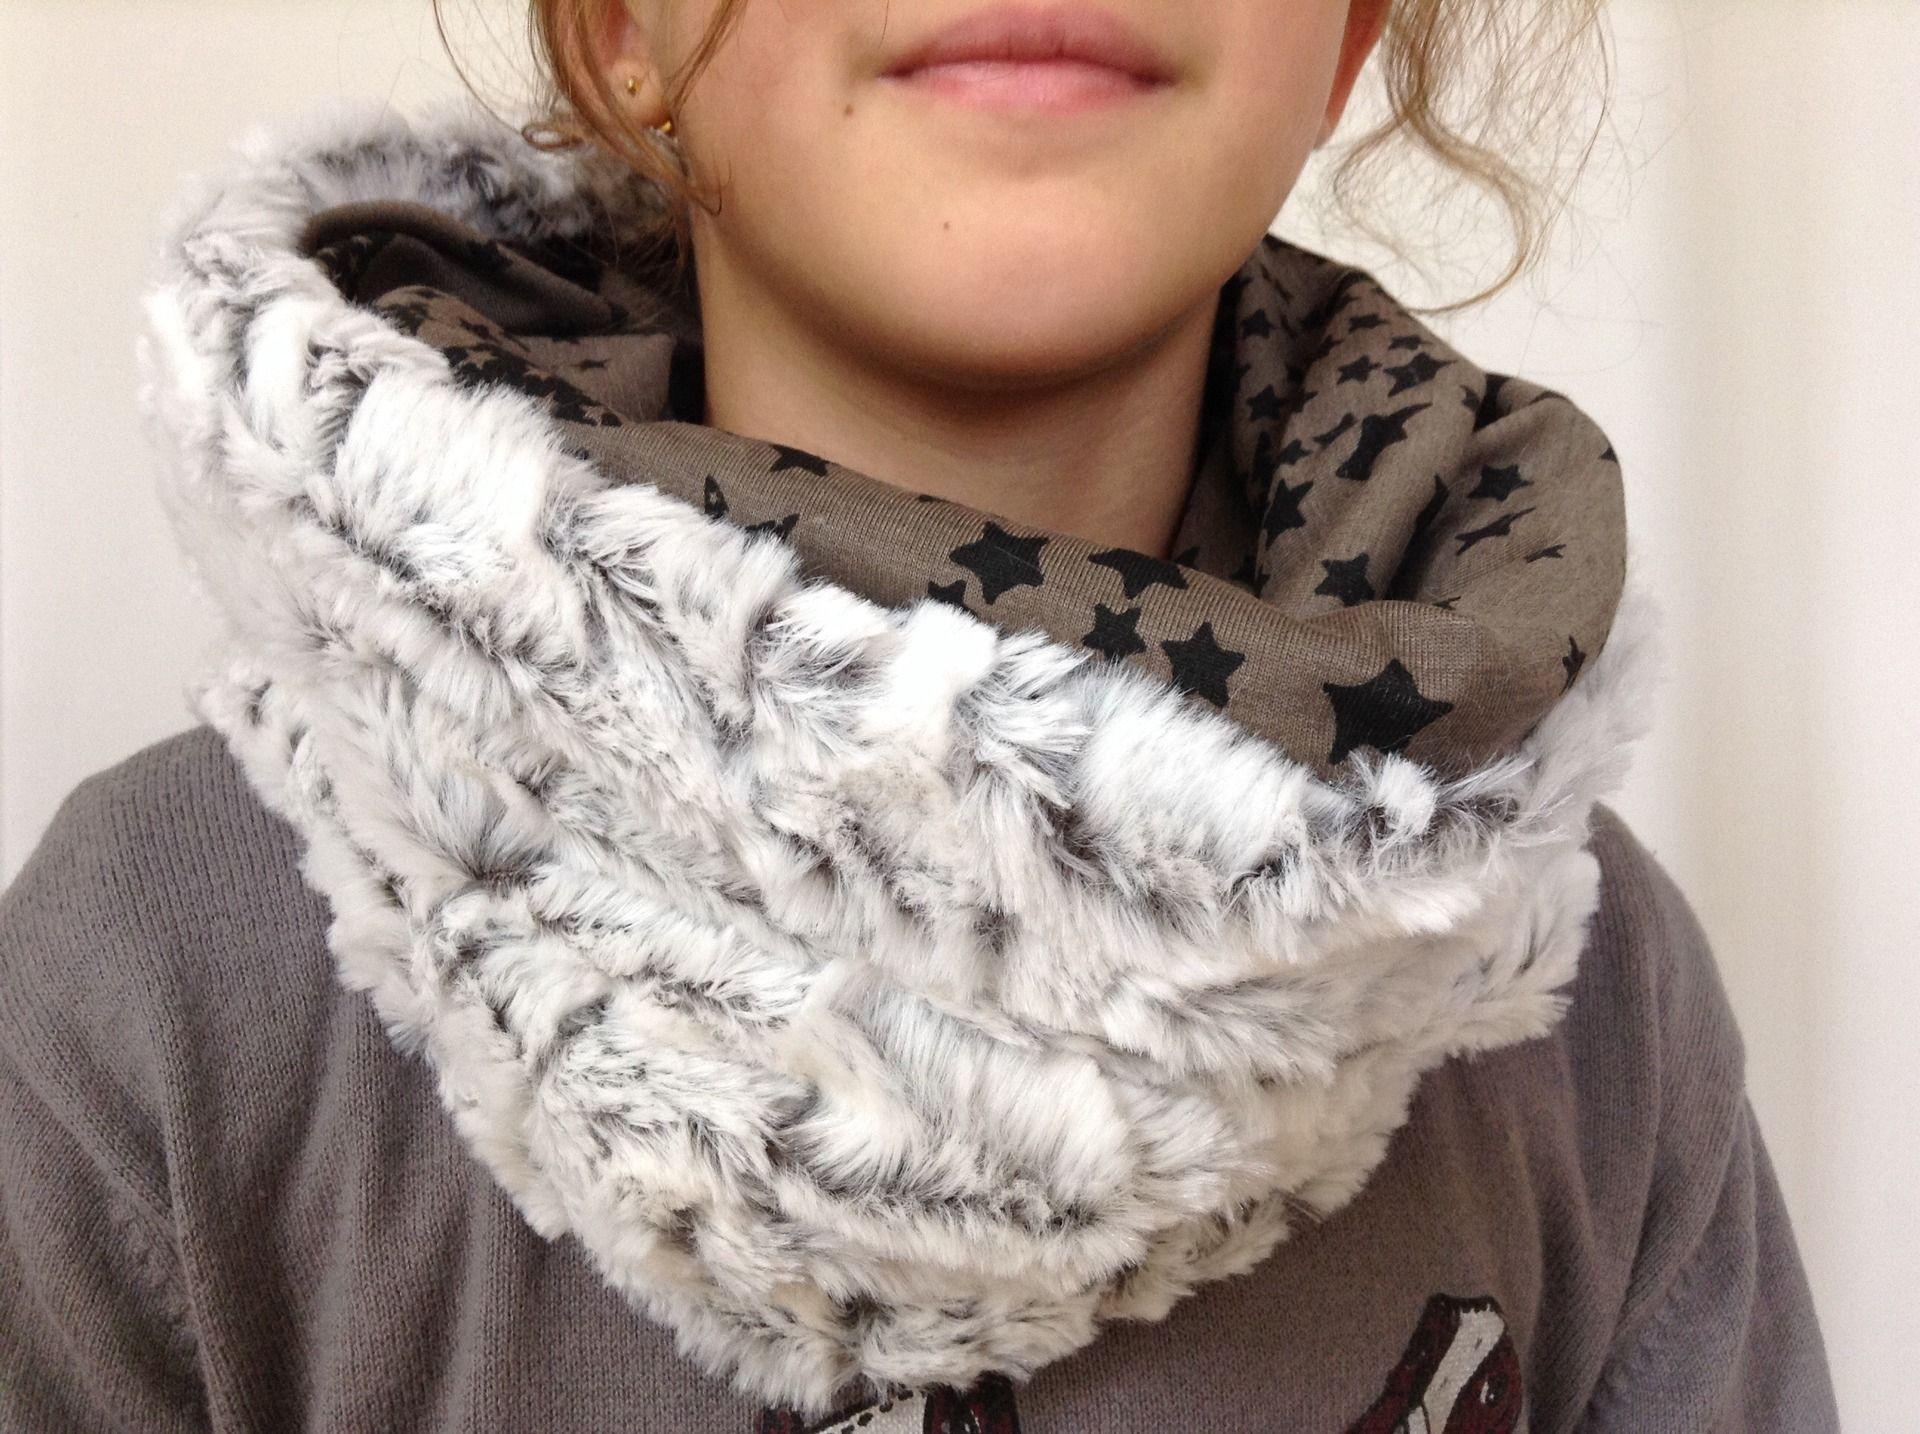 Snood écharpe tube femme fausse fourrure gris Blanc réversible jersey taupe  à étoiles noires   Echarpe, foulard, cravate par peint-d-epices 4e9c4572461